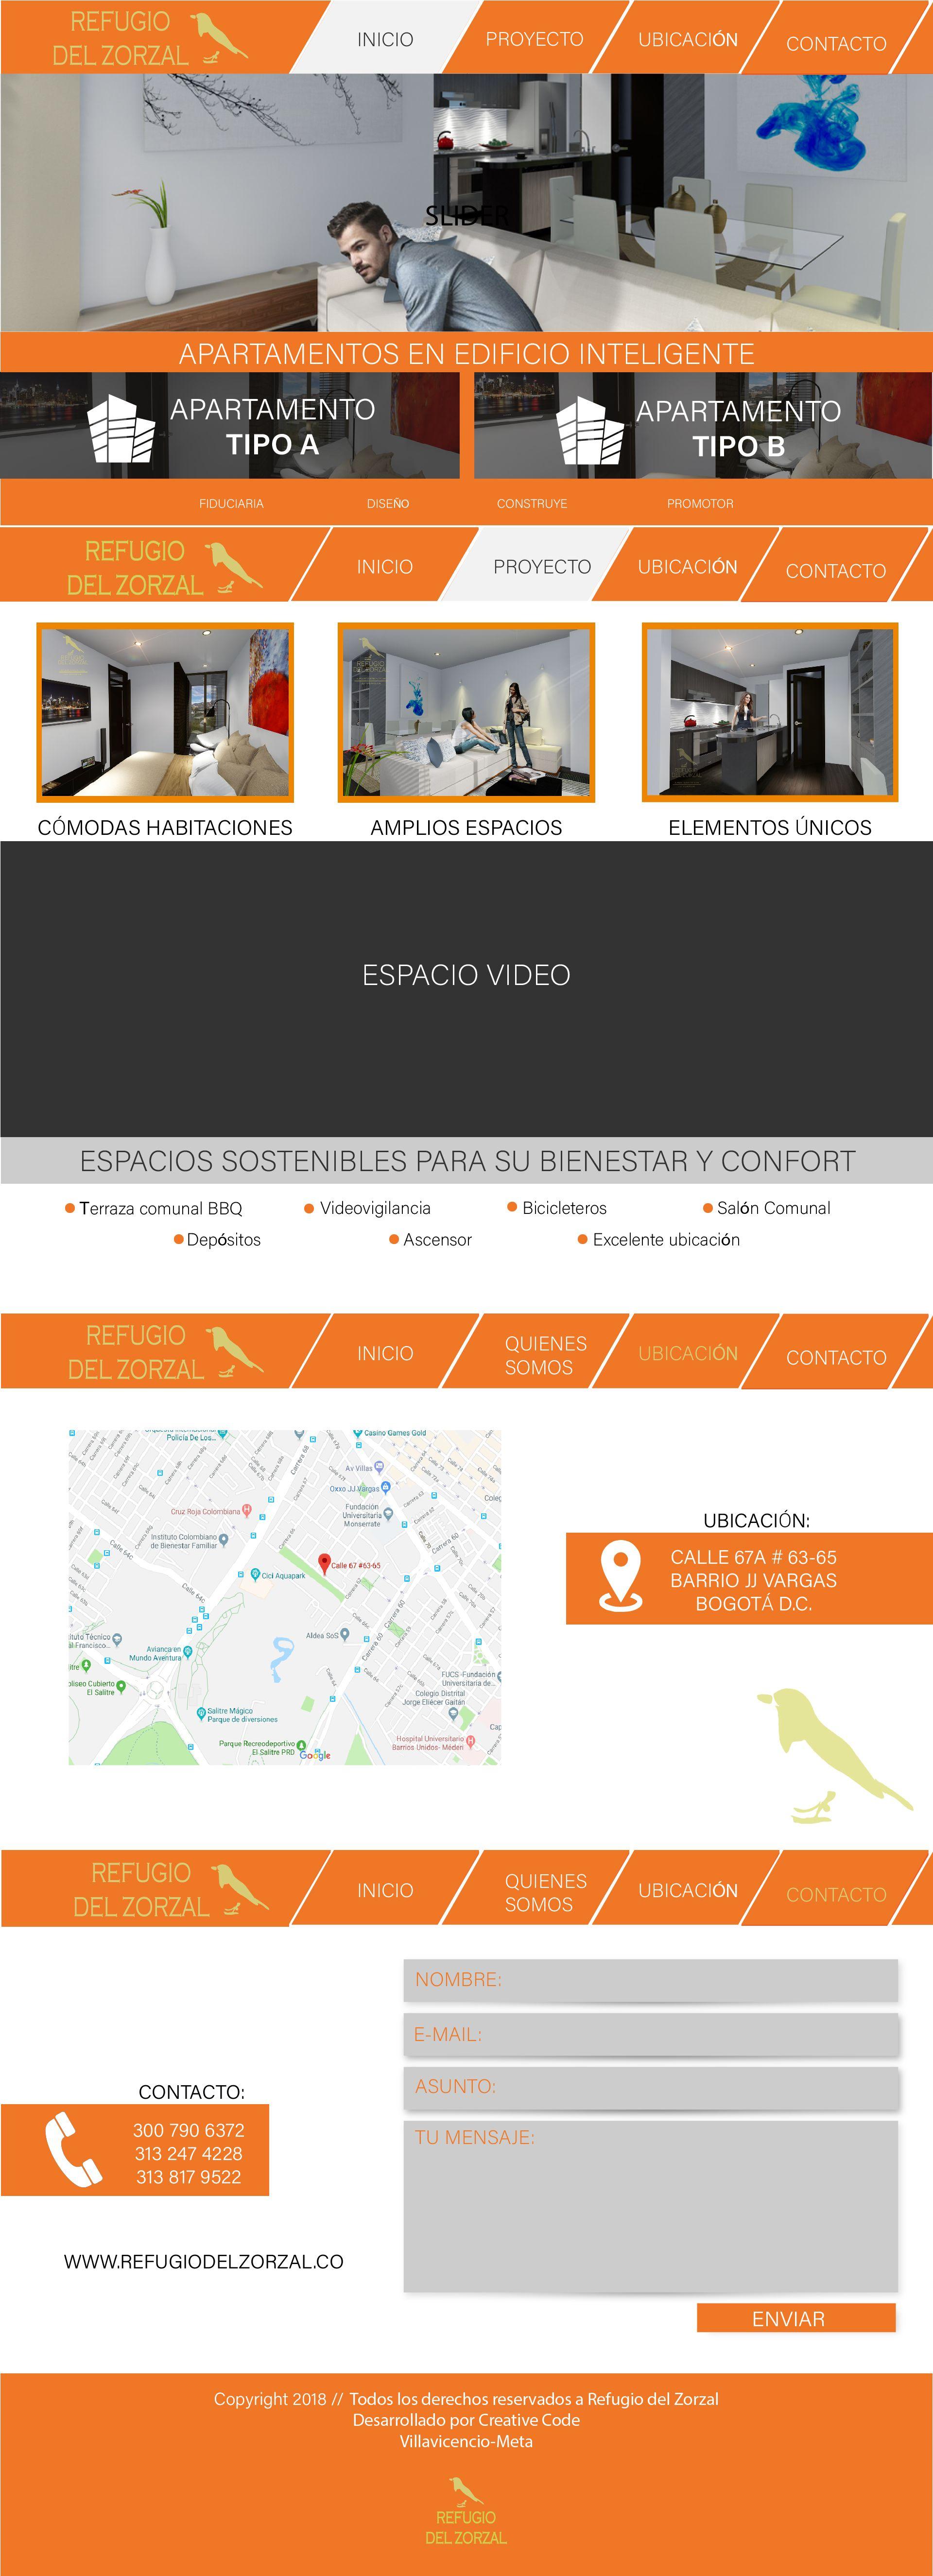 Diseno De Wireframe Para La Pagina Web Del Proyecto